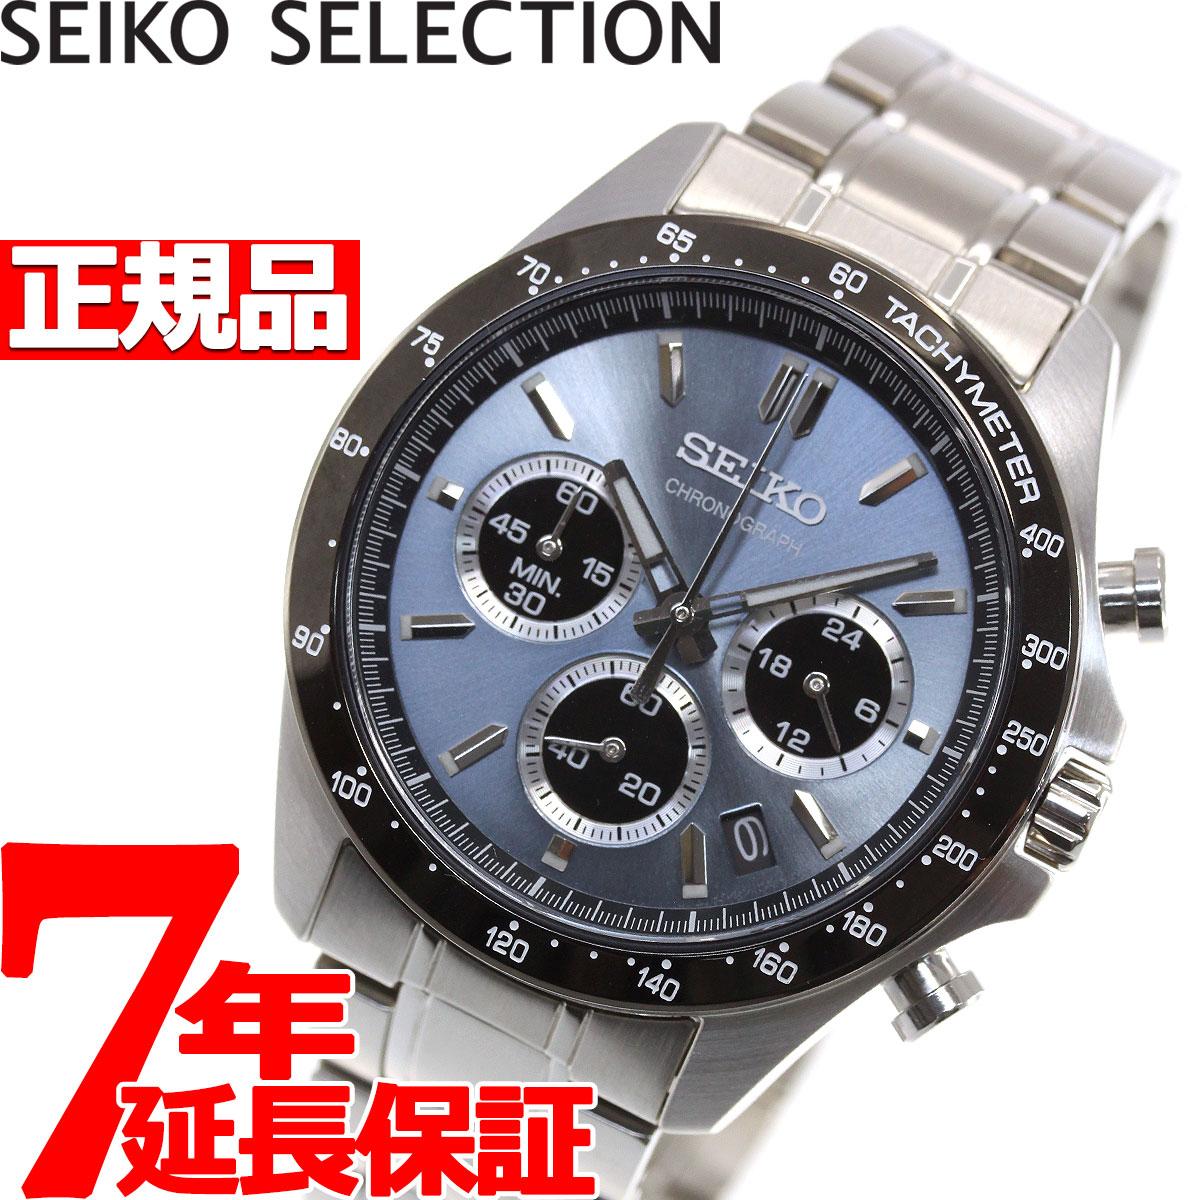 [正規品][送料無料][7年延長正規保証][ラッピング無料][サイズ調整無料] あす楽対応 セイコー セレクション SEIKO SELECTION 腕時計 メンズ クロノグラフ SBTR027【2018 新作】